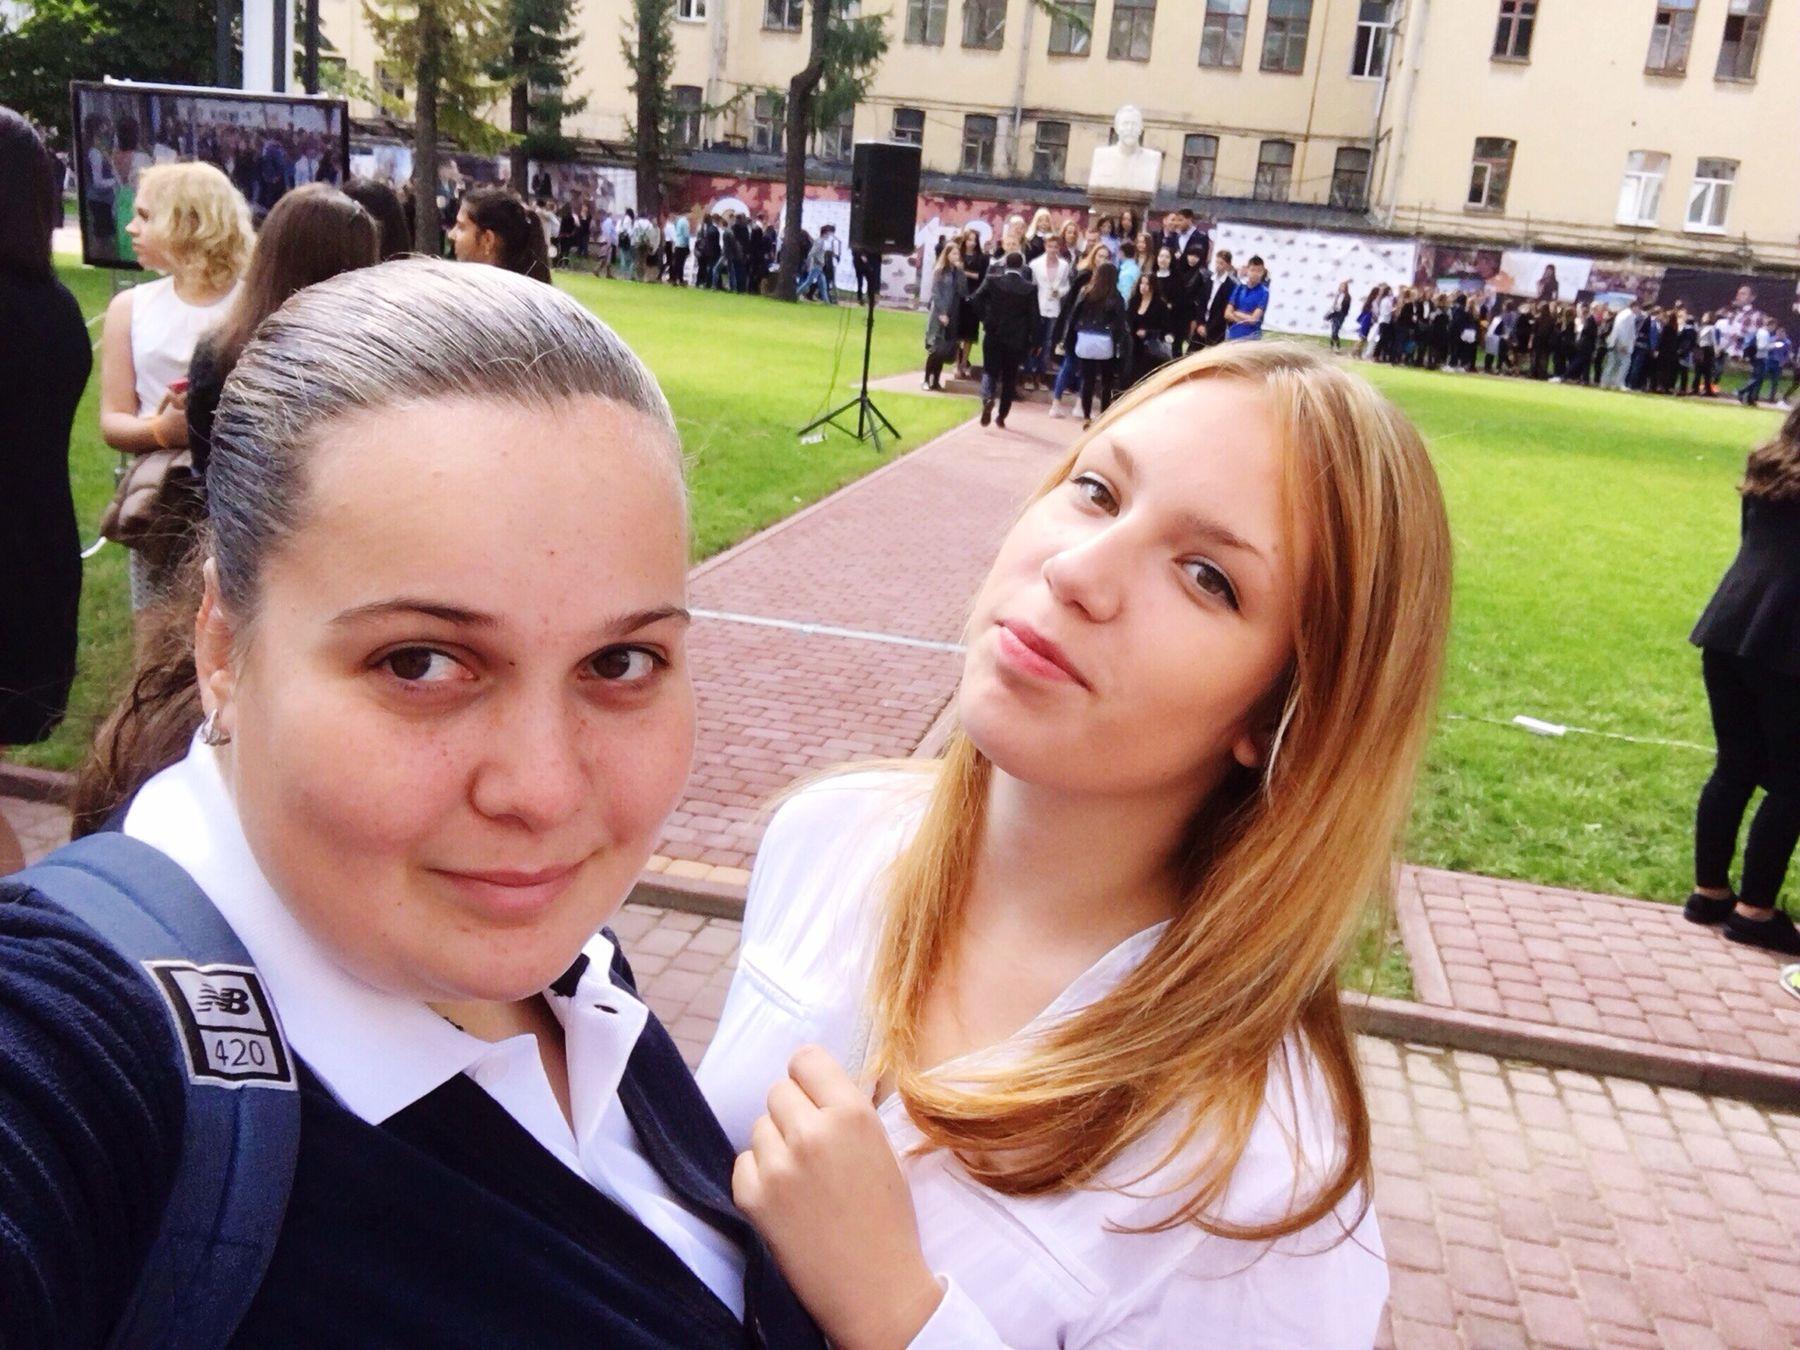 Student LikeILYUHINA MIIT